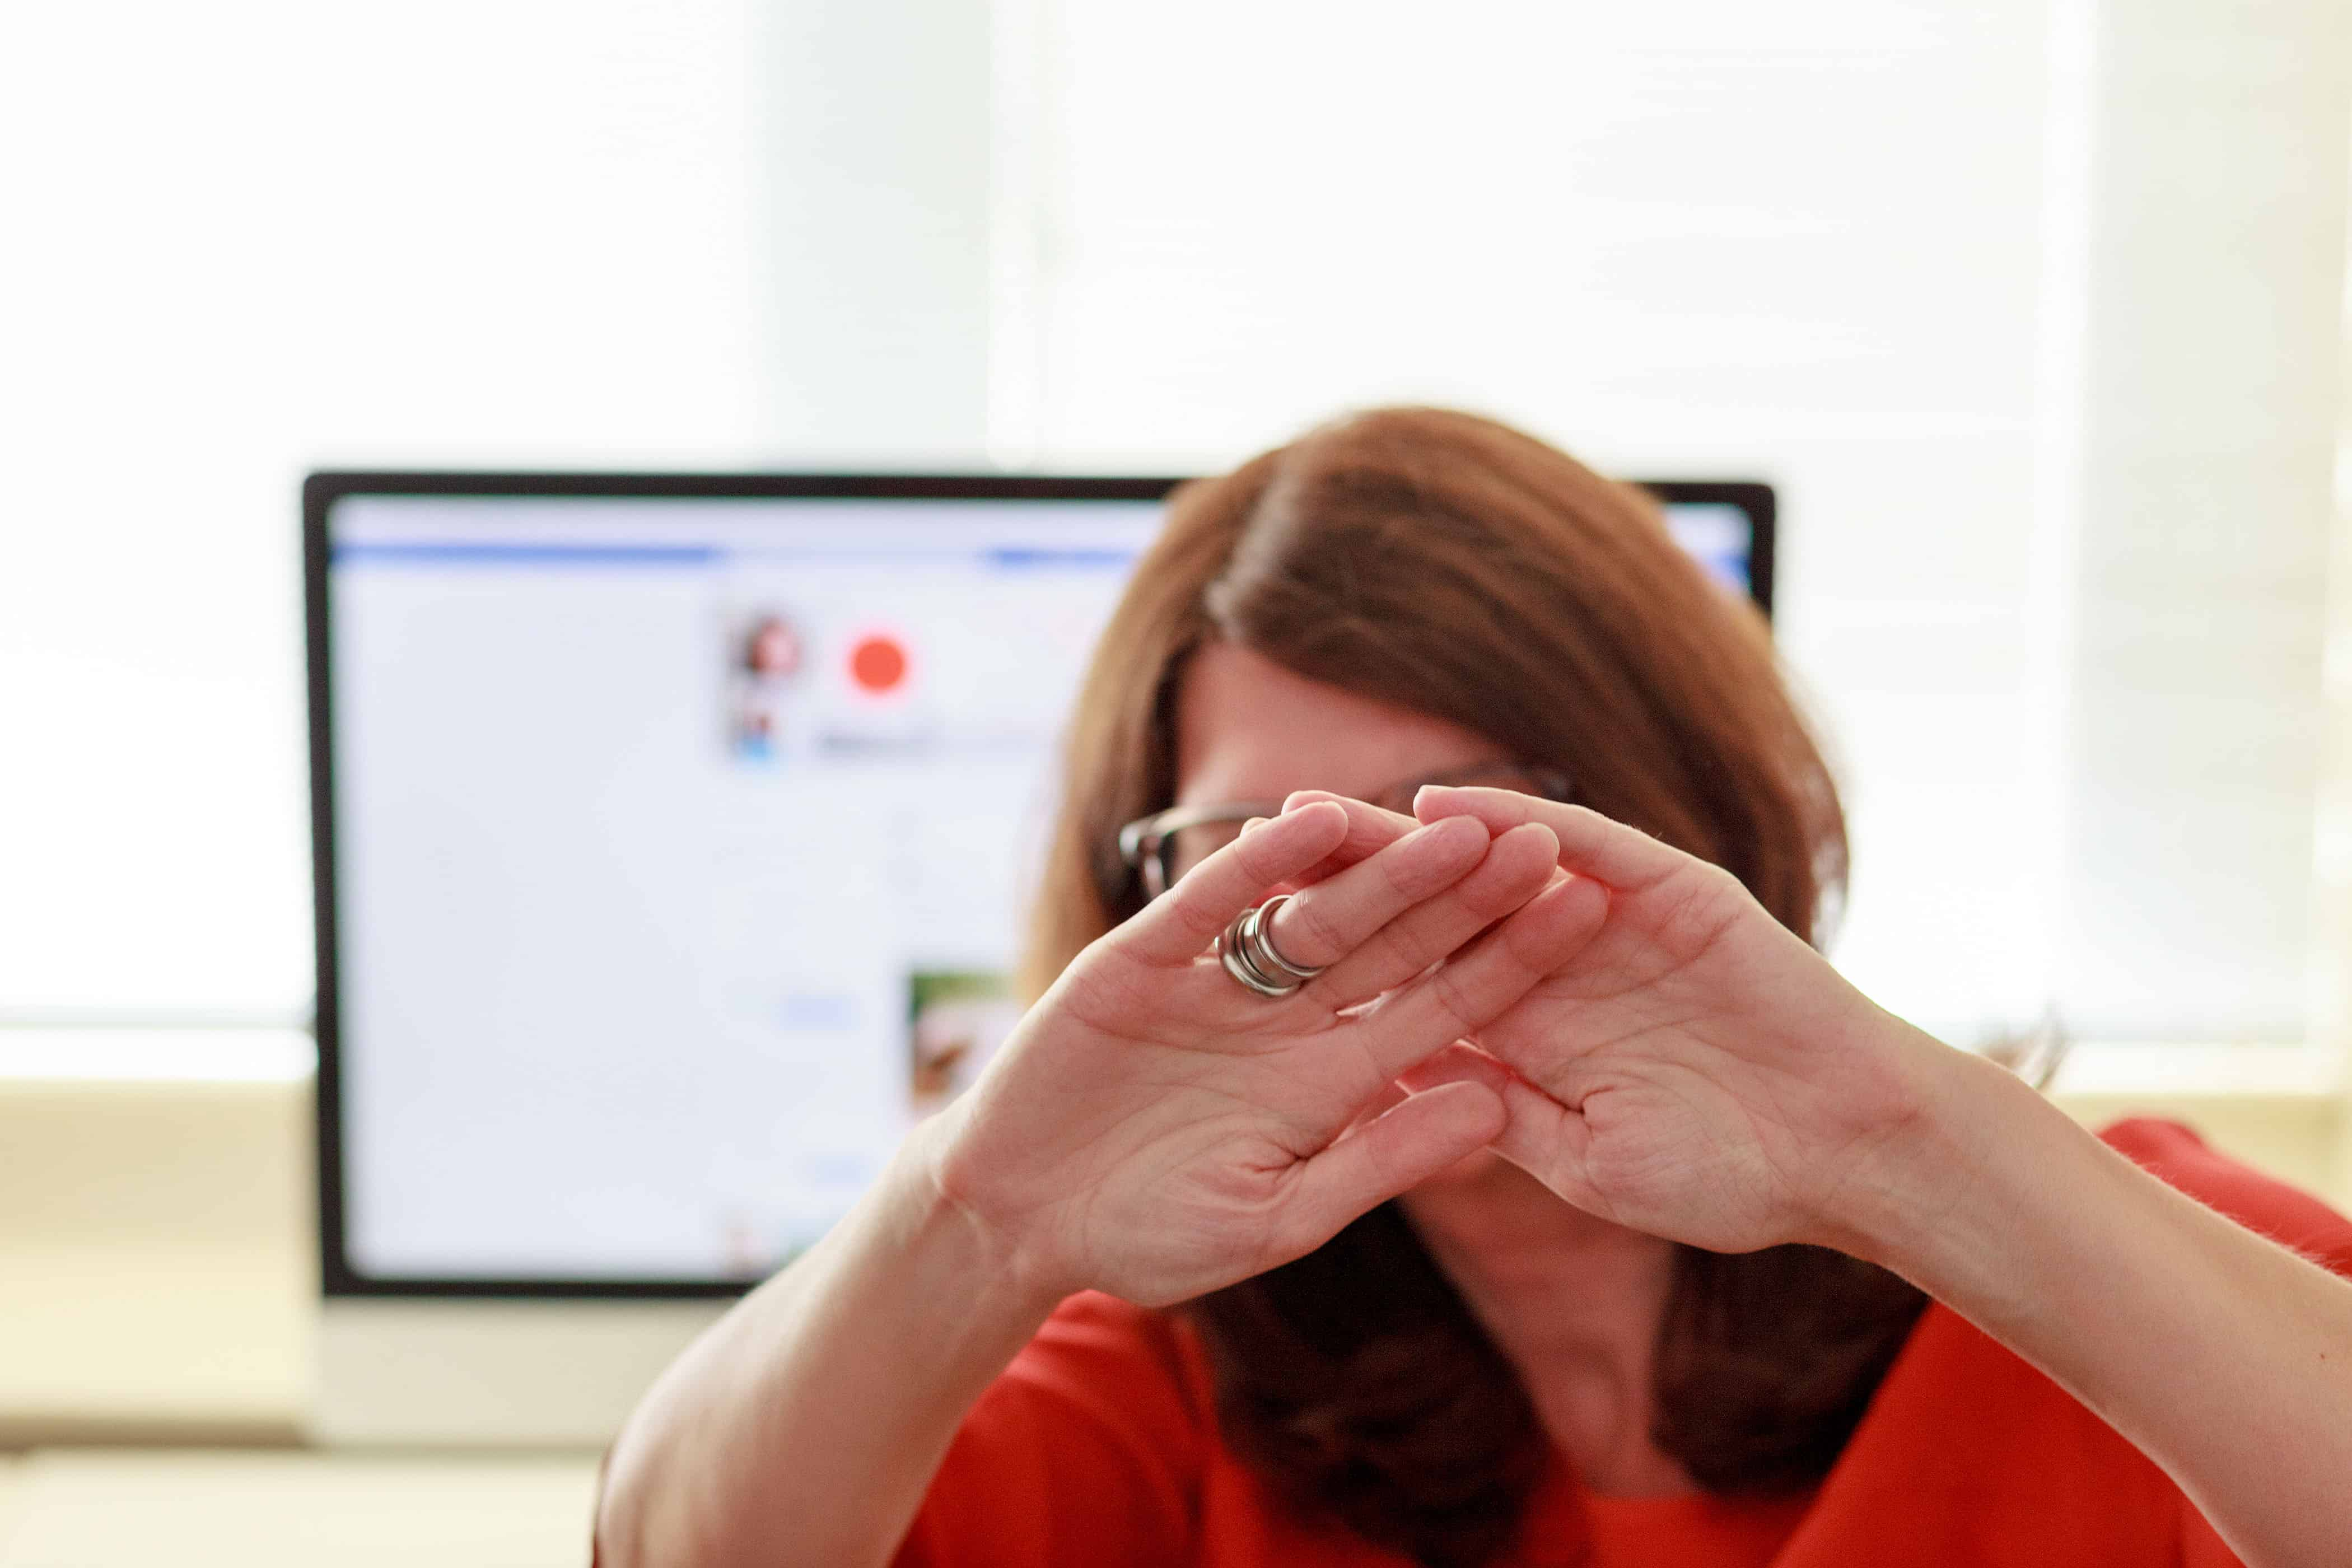 Angst voor online zichtbaarheid